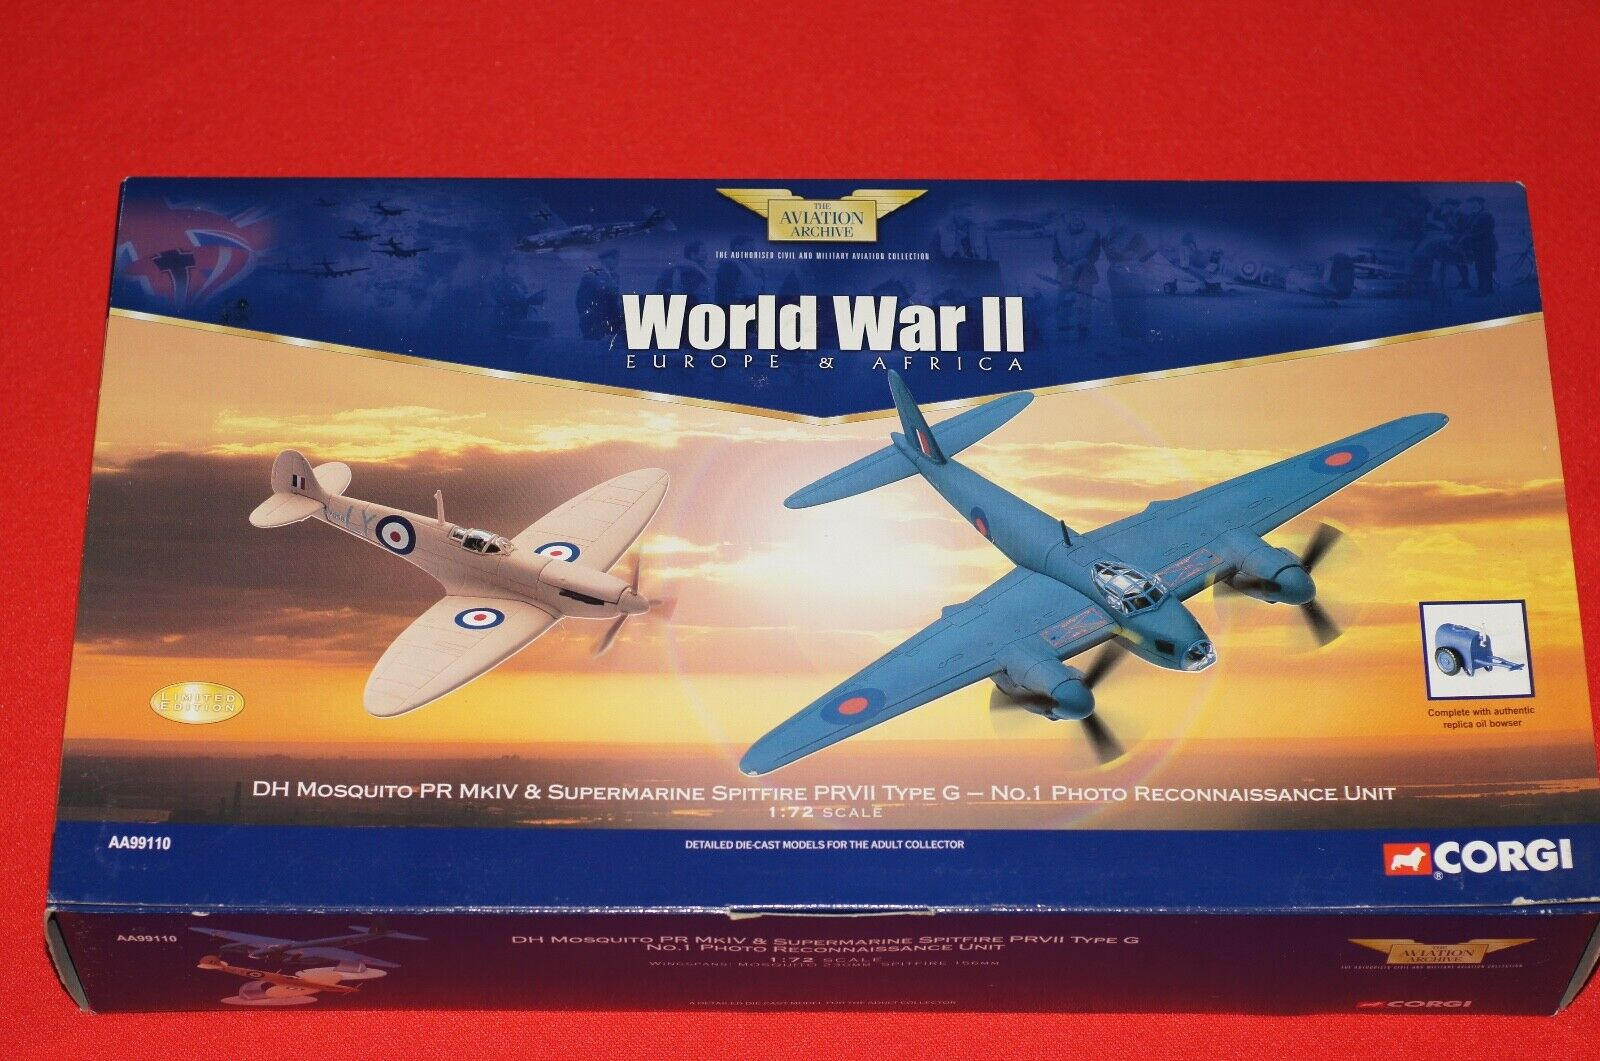 tienda en linea Corgi AA99110 súpermarine Spitfire Mosquito Mosquito Mosquito & escala 1.72 de Metal Modelos Nuevo  artículos novedosos